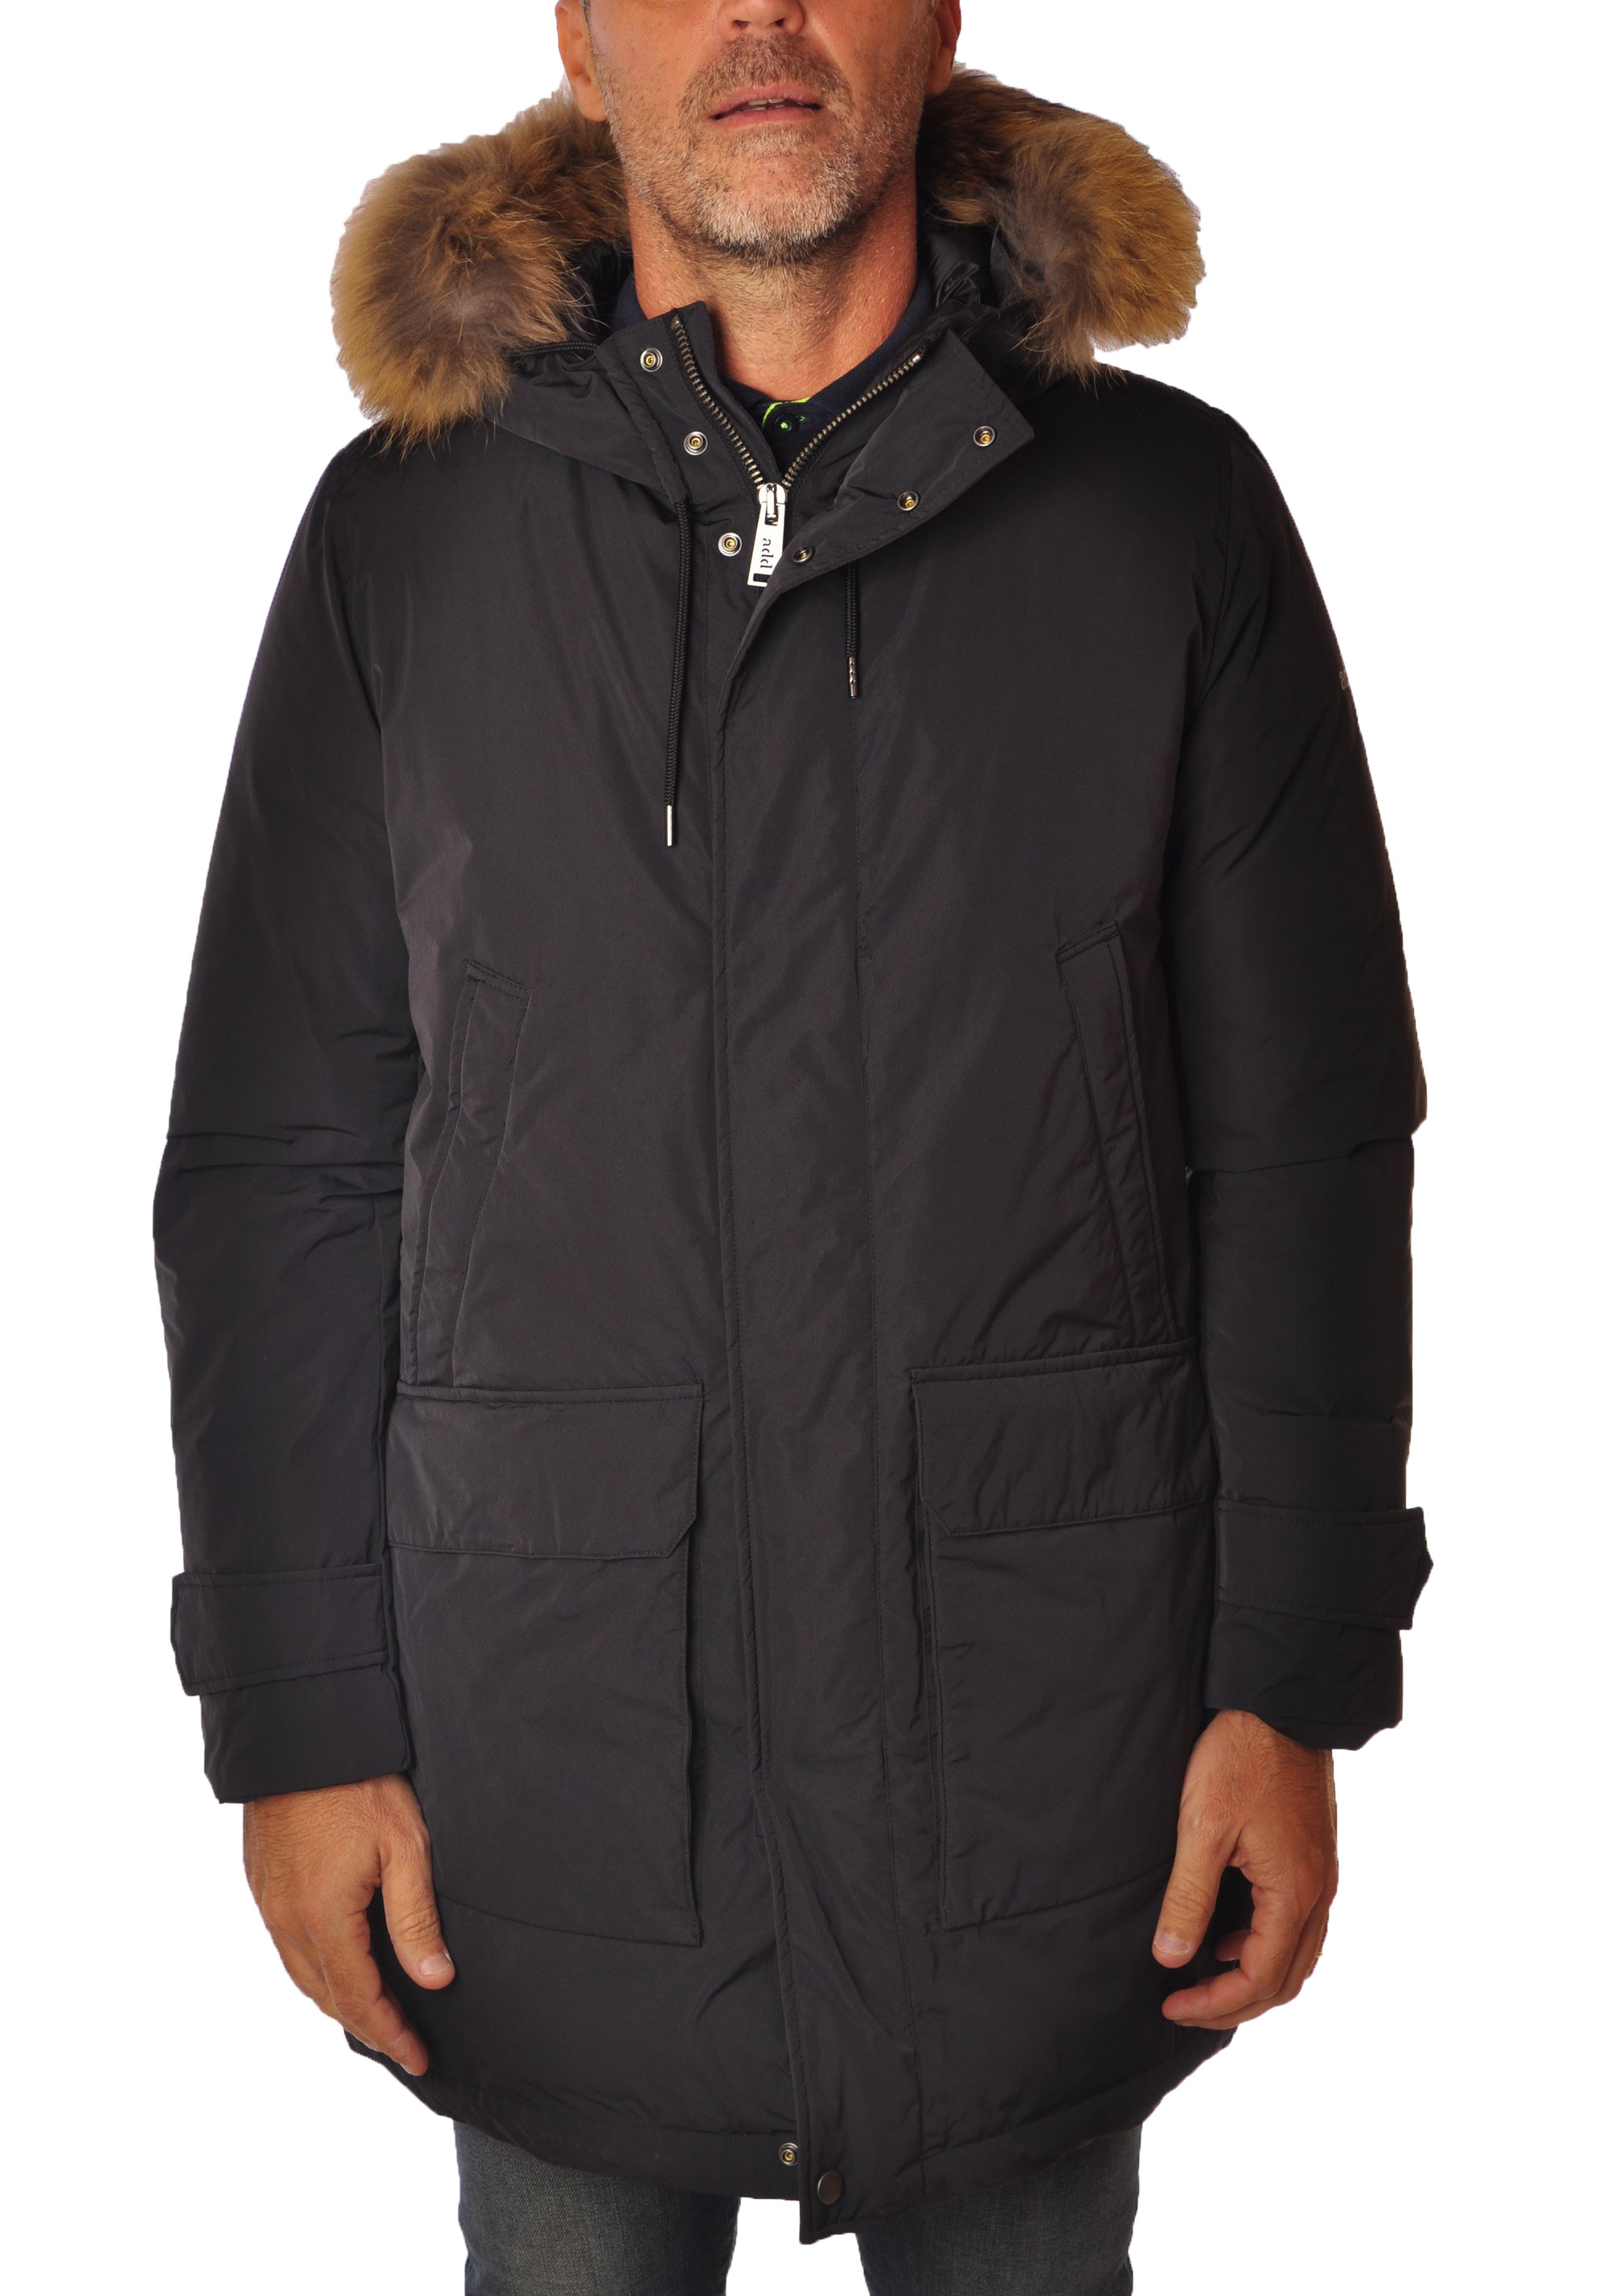 buy online a156d 9a10e Add Down Jackets Piumino | bemymood